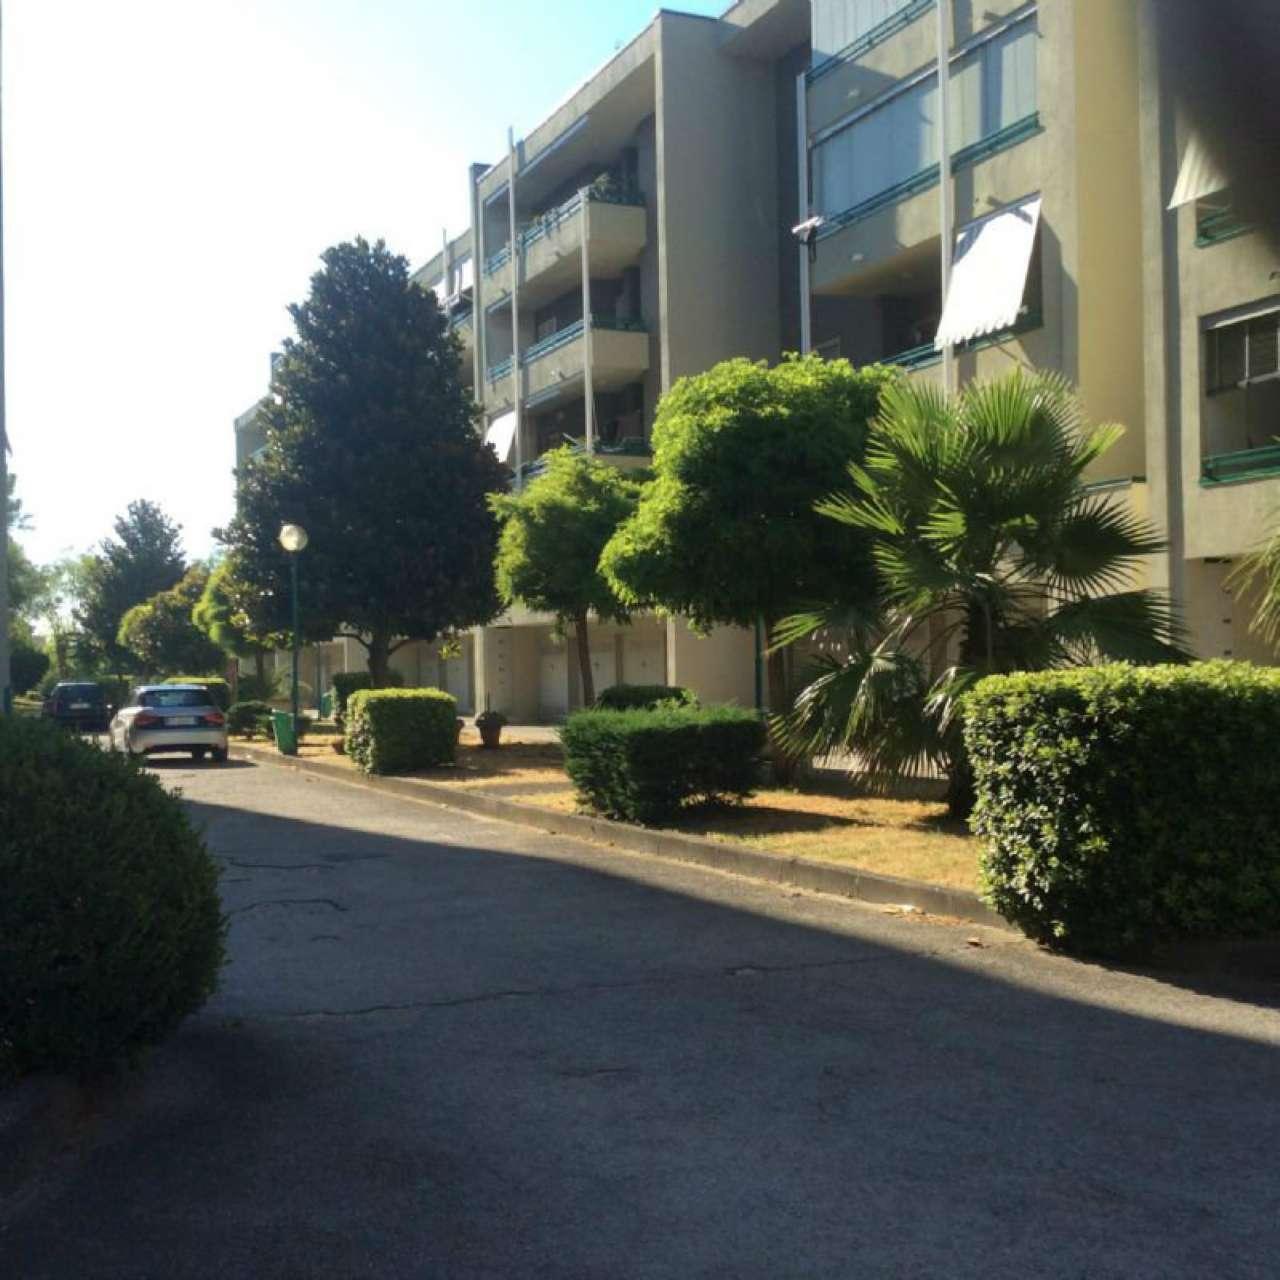 Appartamento, via antonio gramsci, 0, Vendita - Sant'anastasia